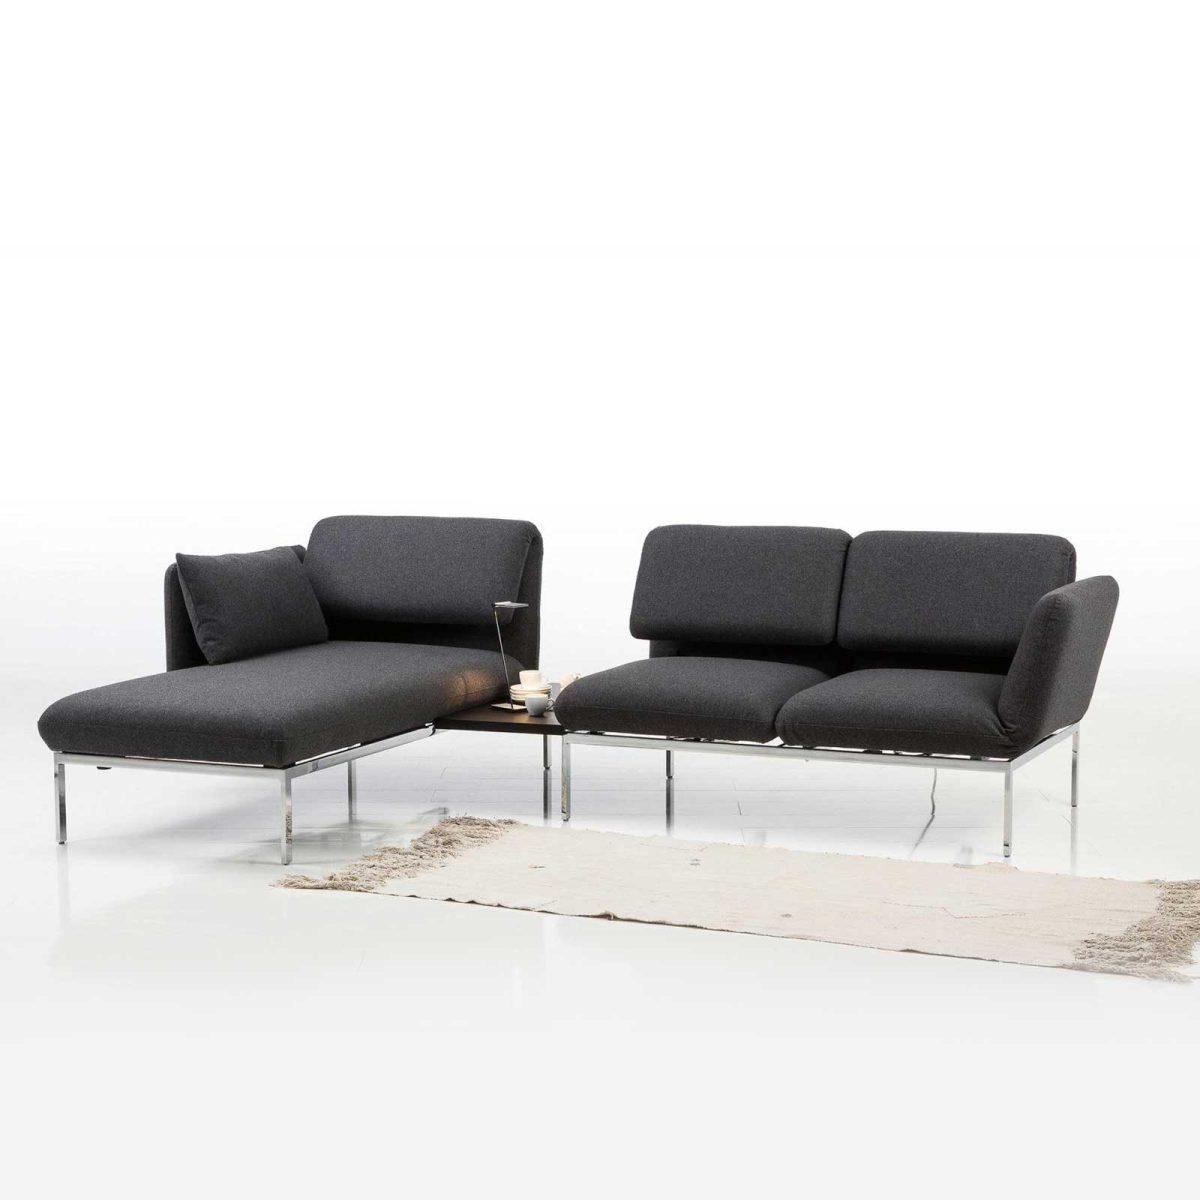 roro sofas small 3 1600